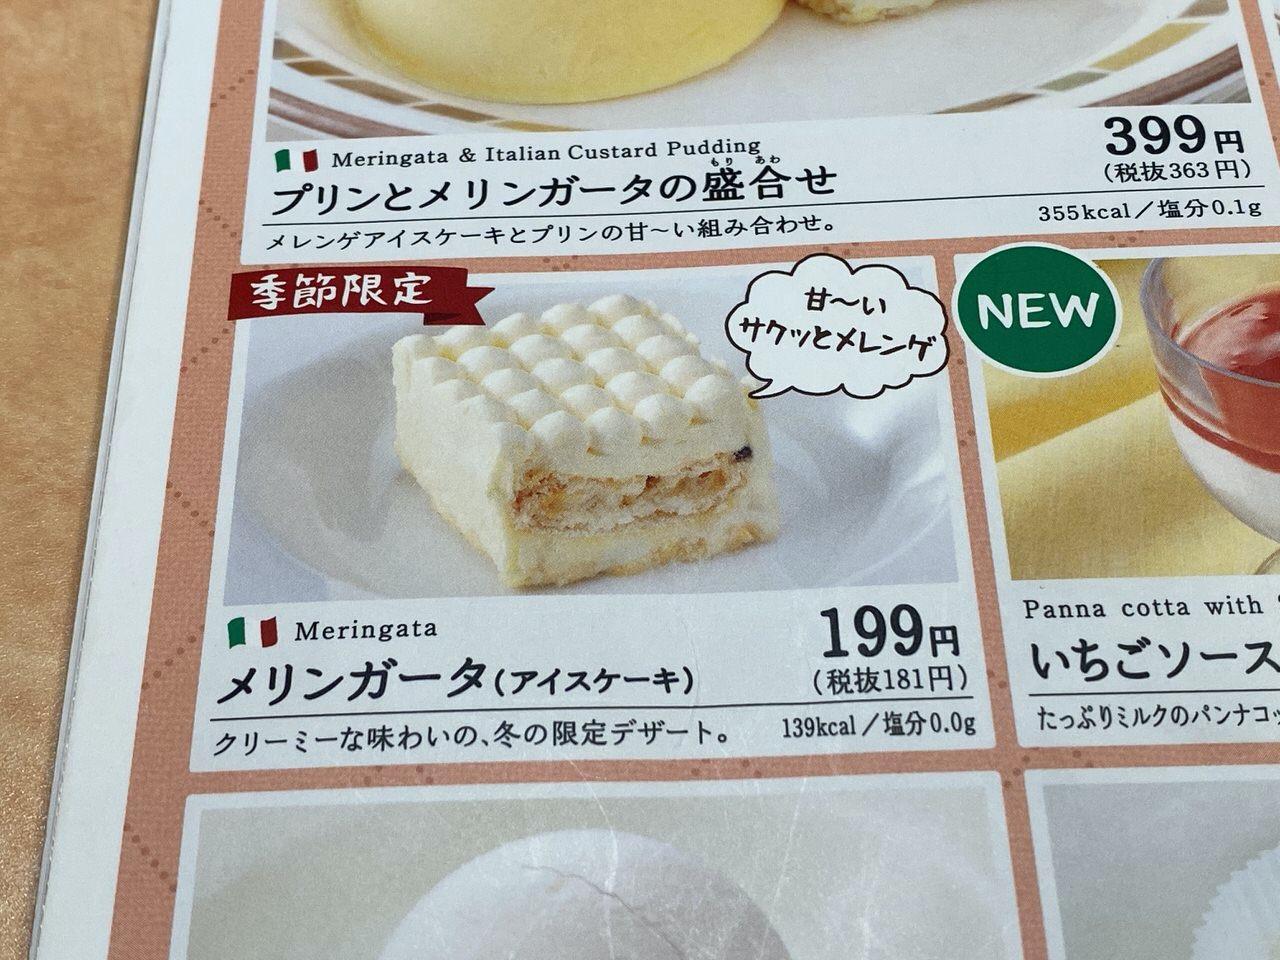 【サイゼリヤ】「メリンガータ」1